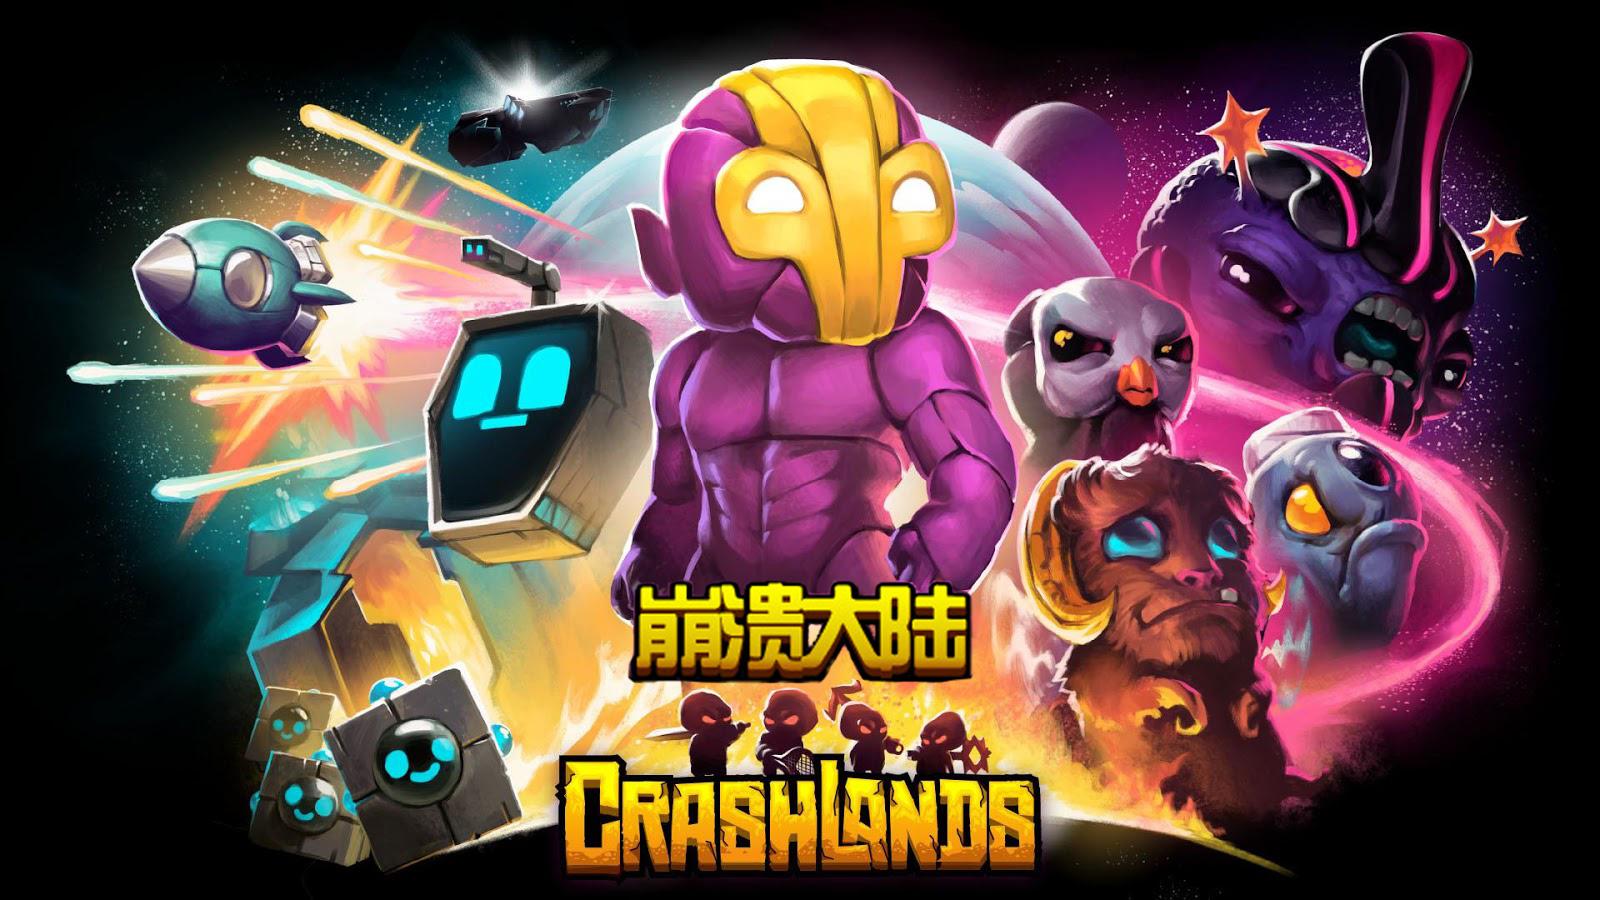 崩溃大陆(Crashlands)插图6